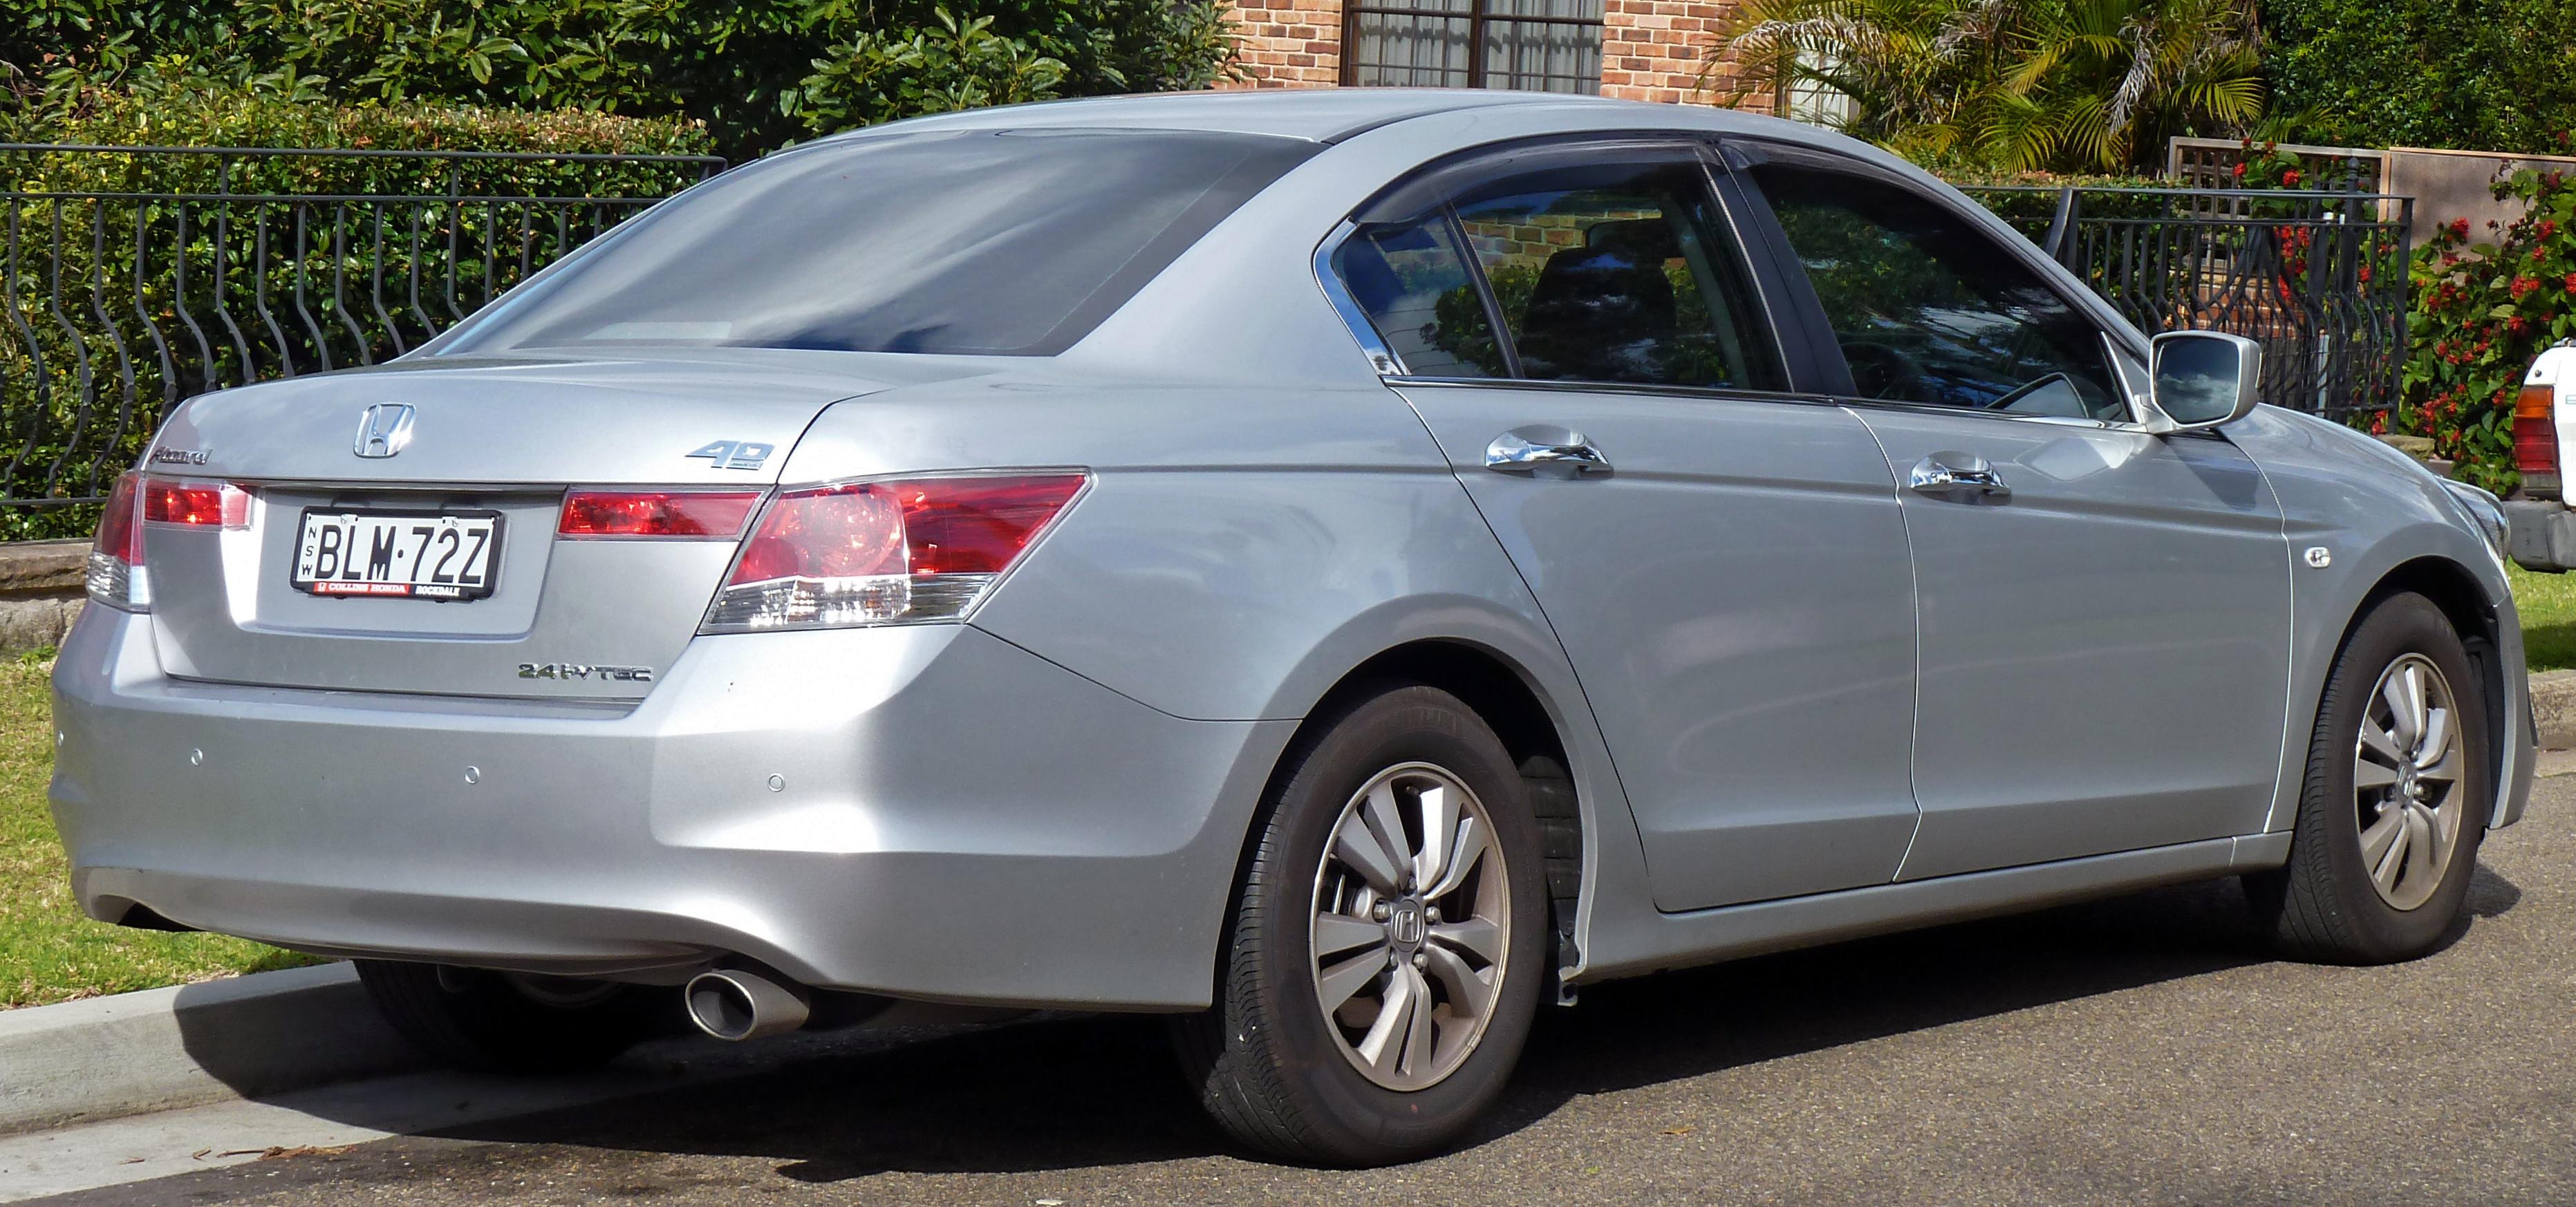 2009 Honda Accord Image 5